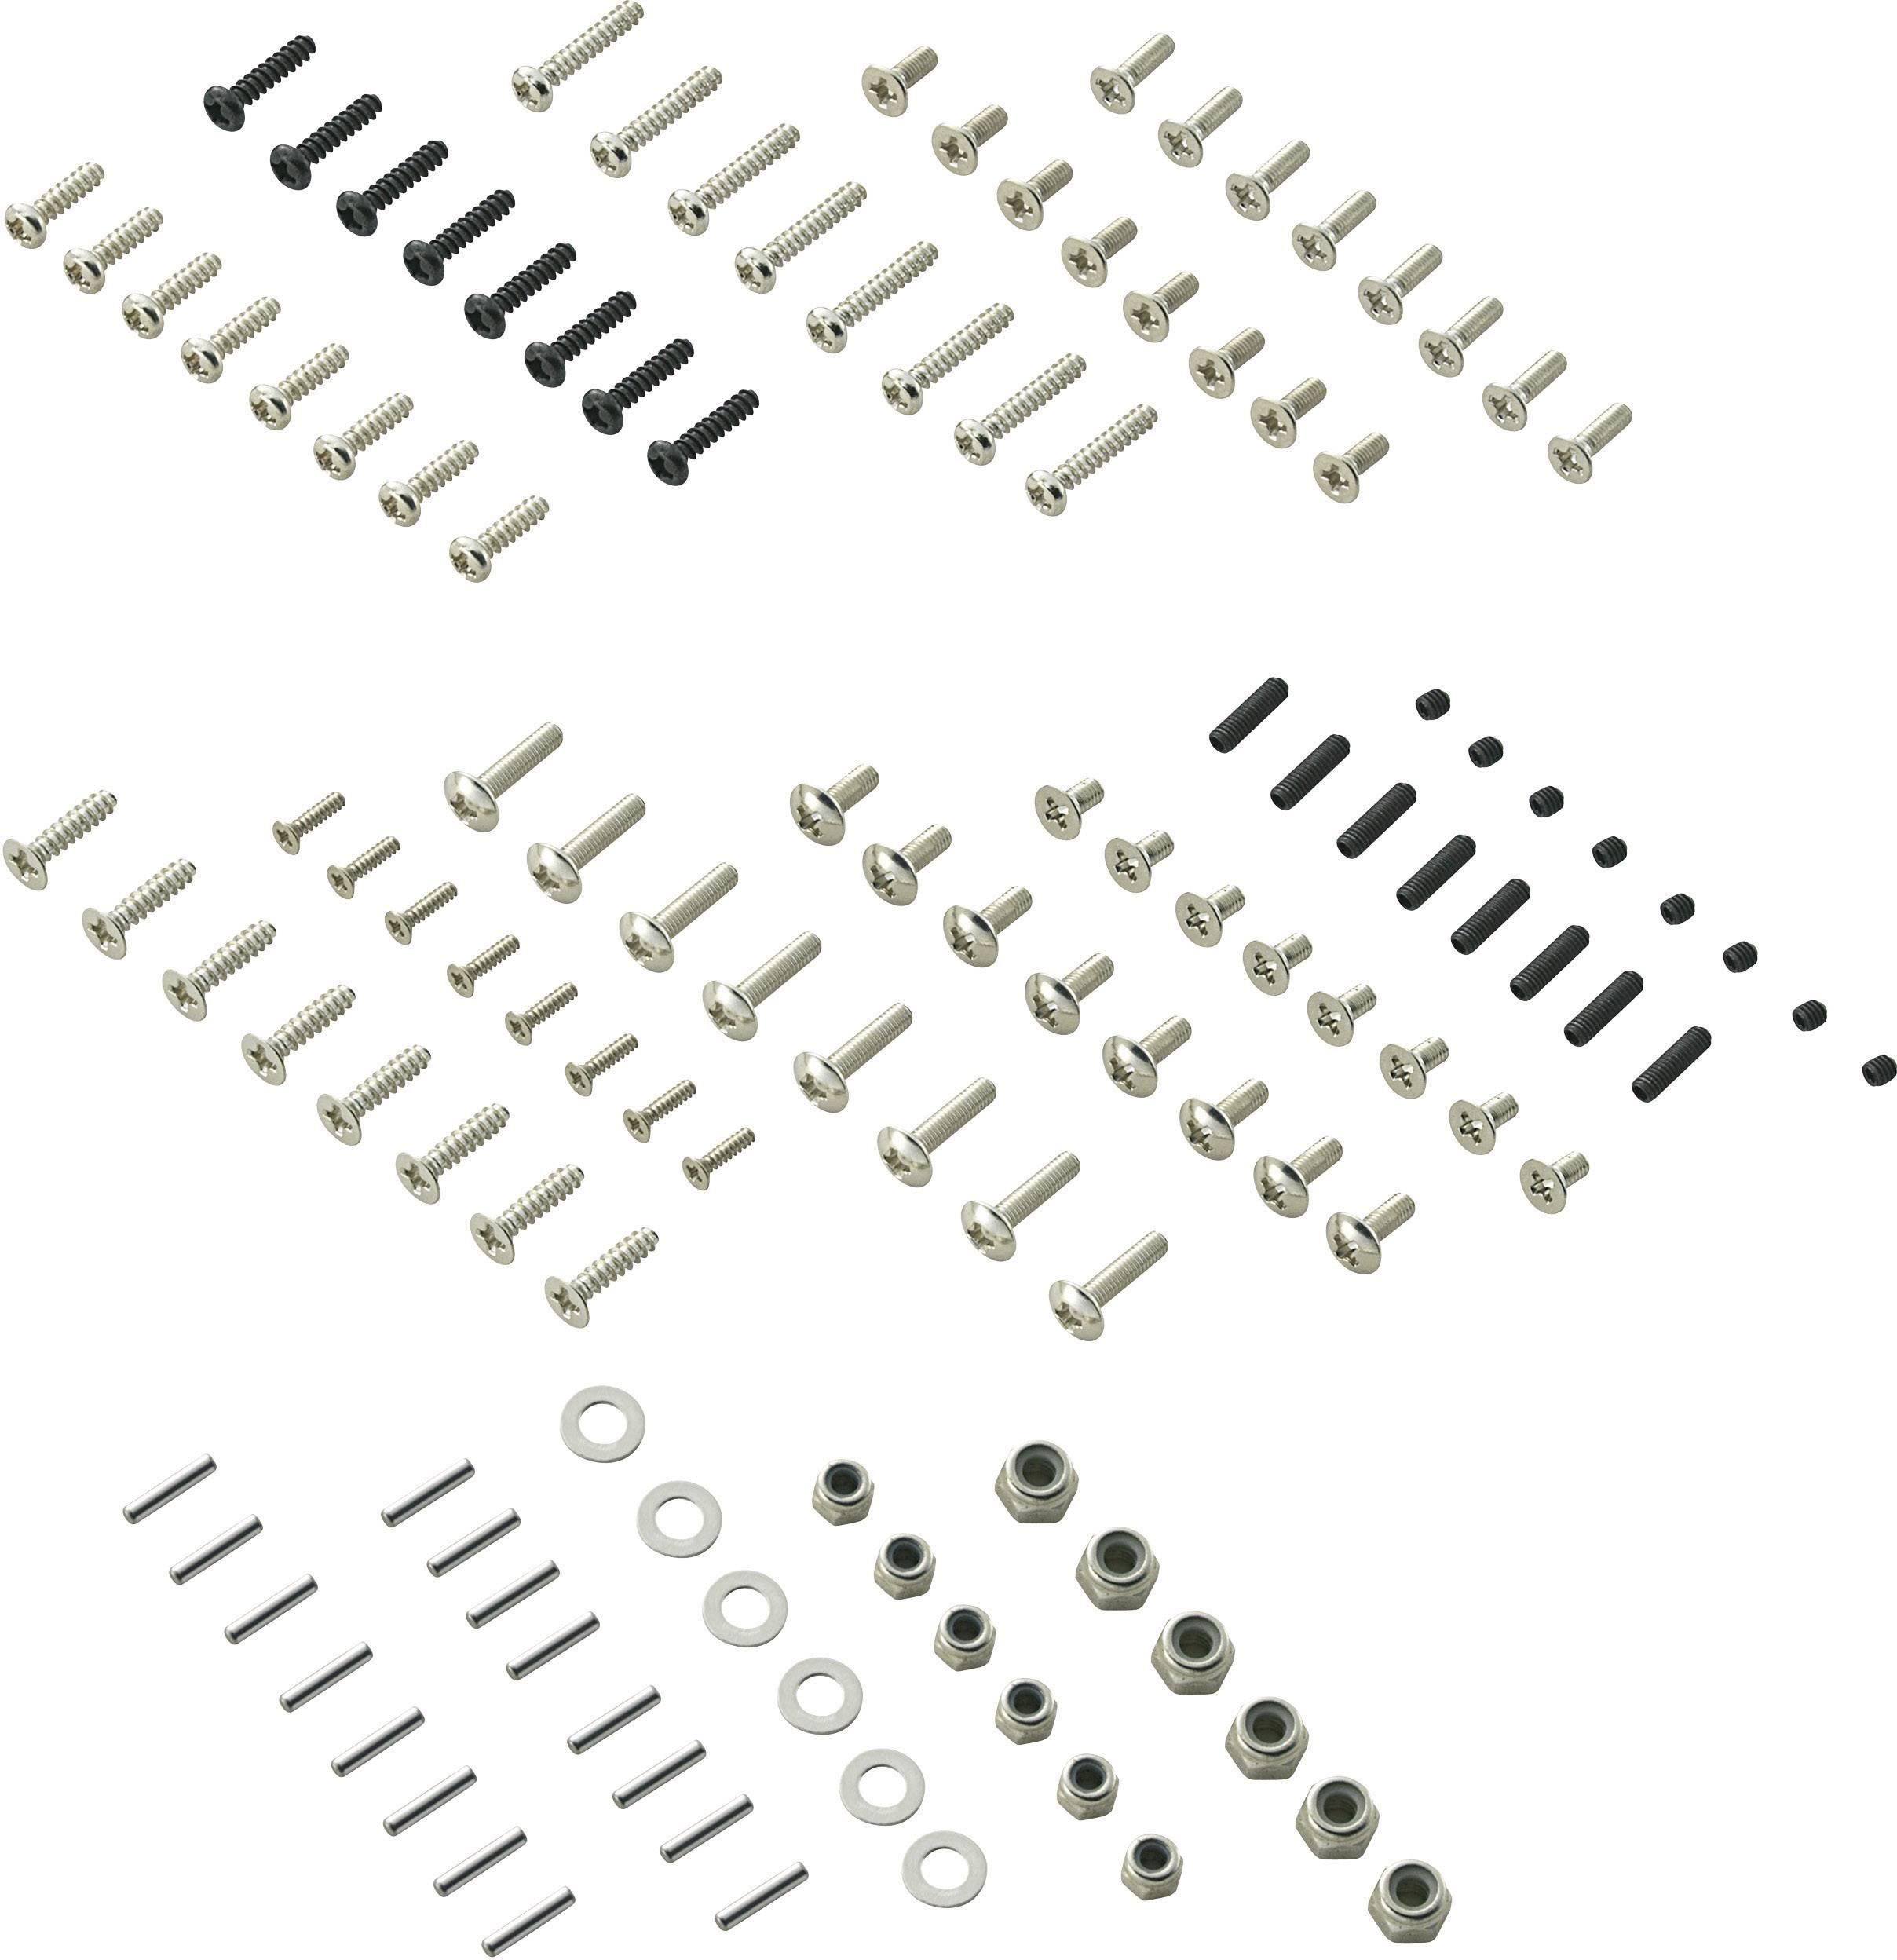 Sada šroubů Reely (538004C)